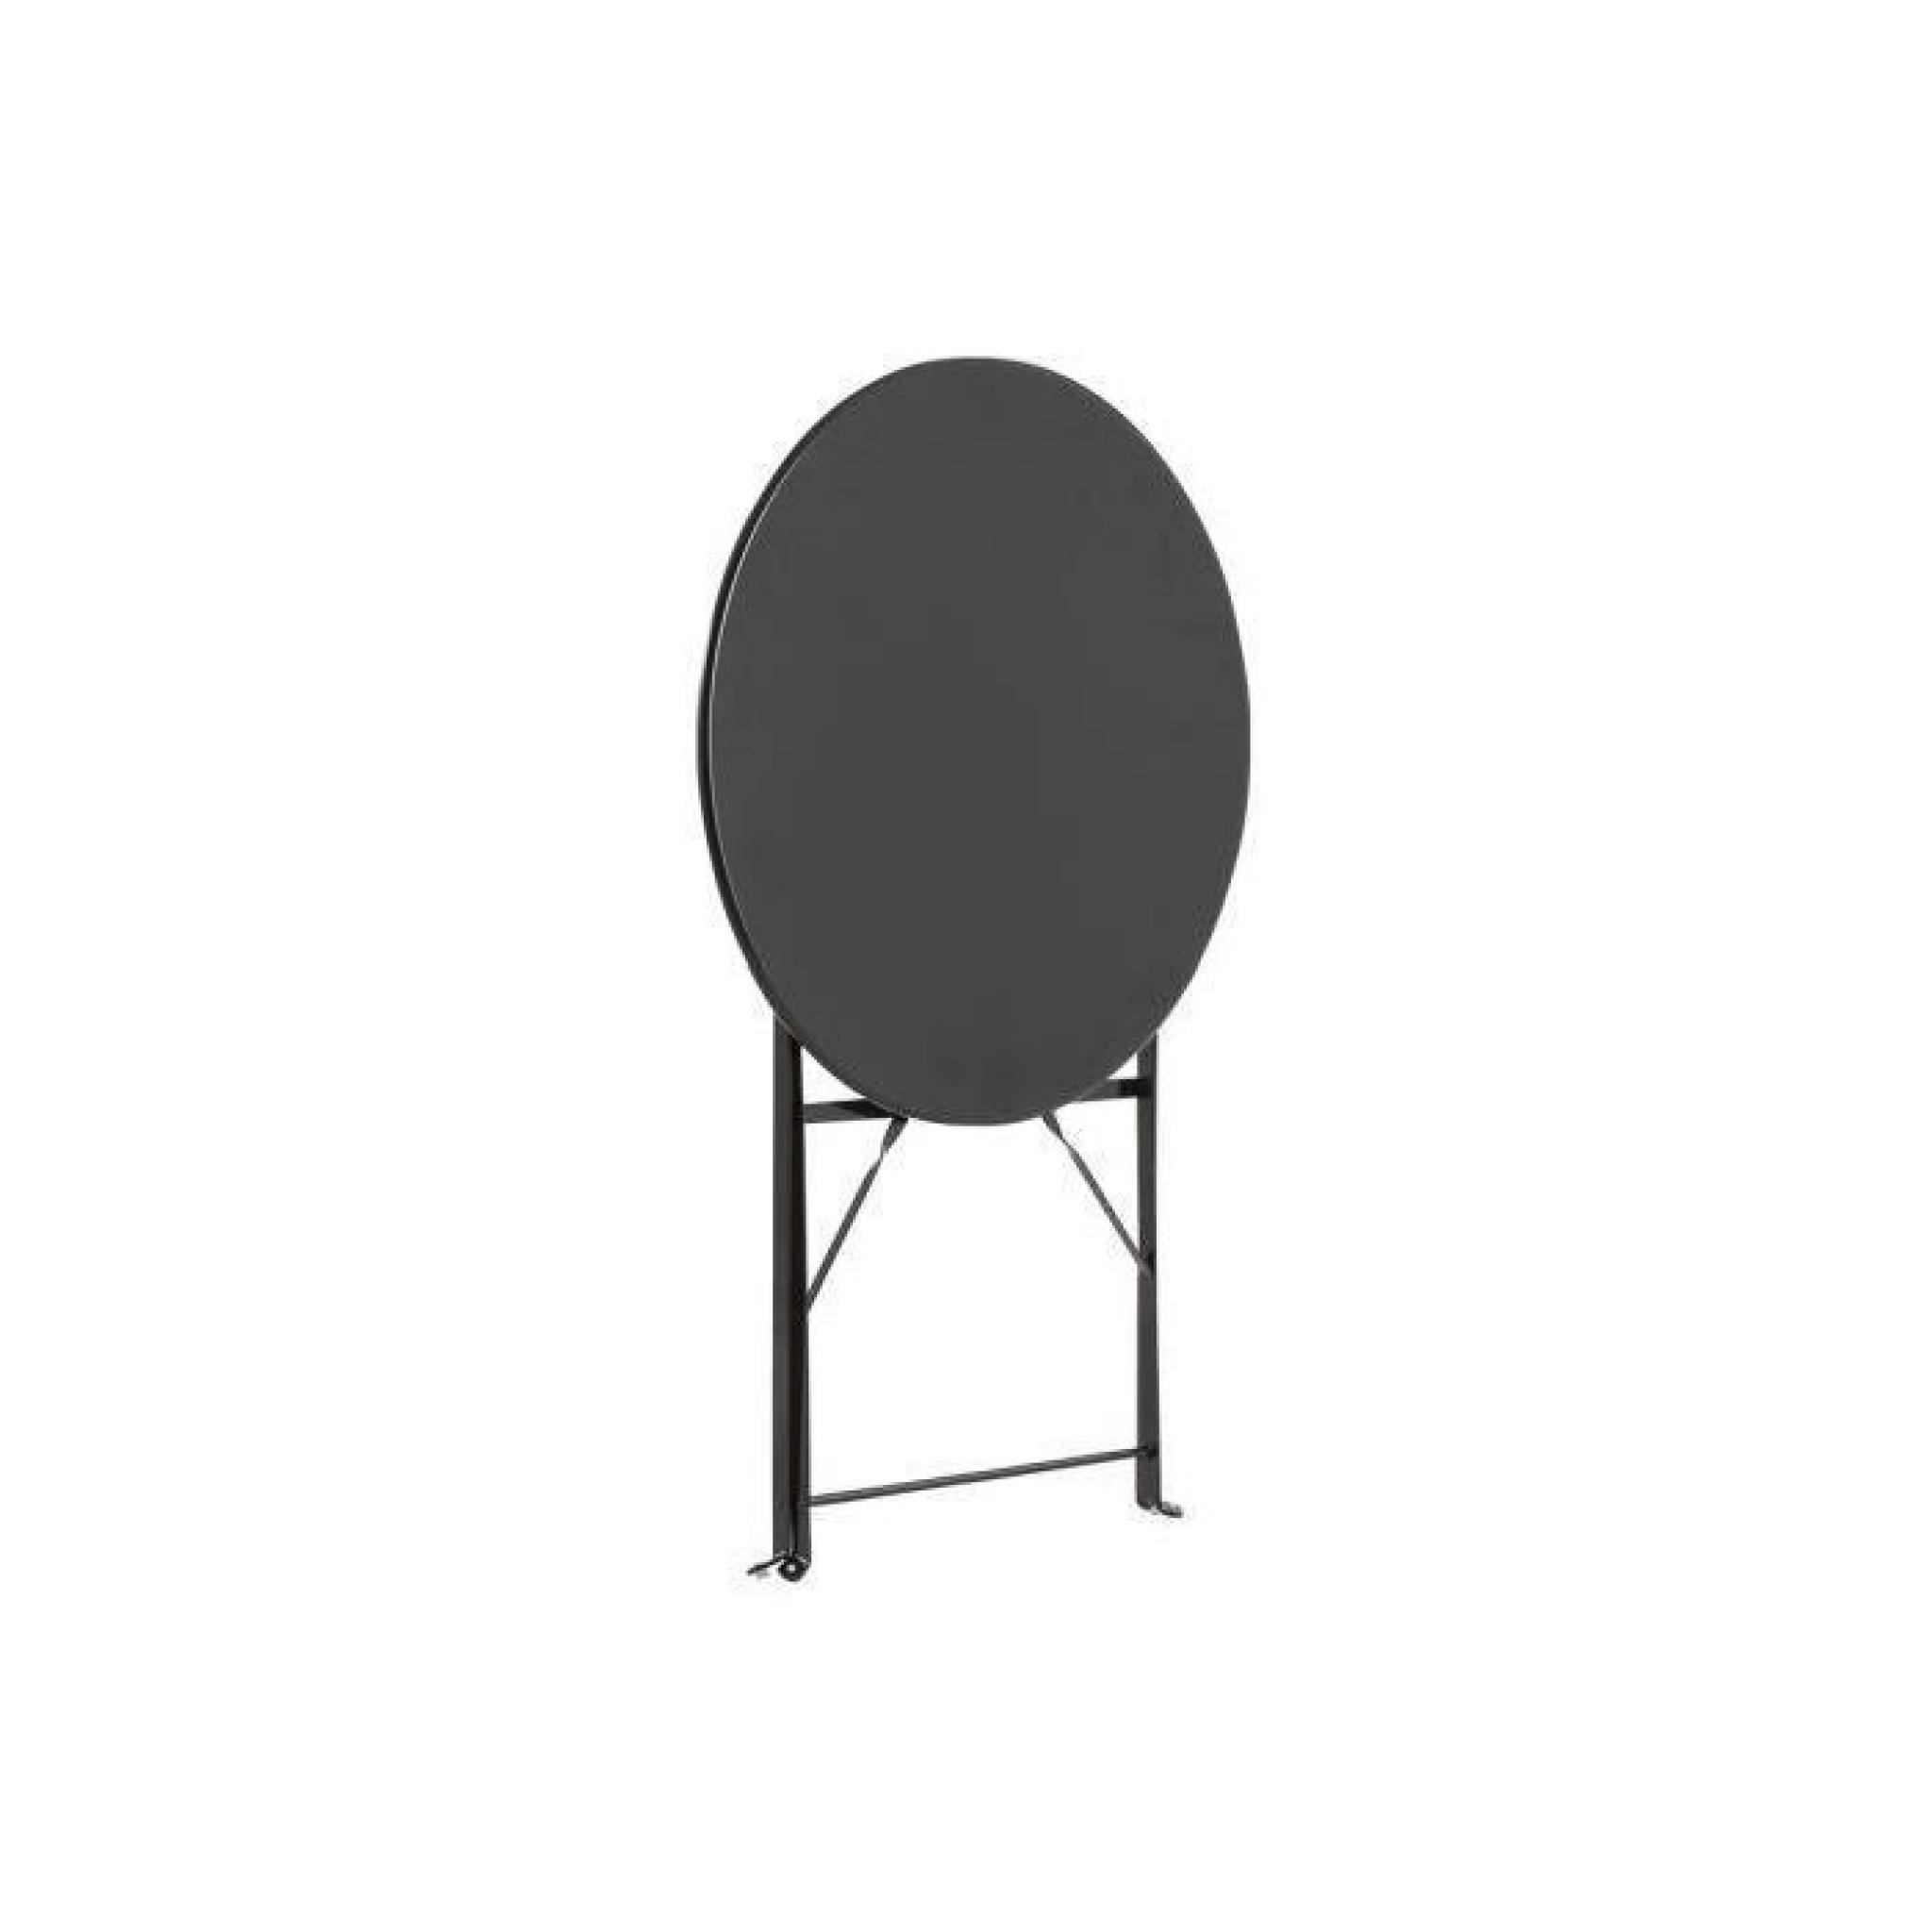 Table de jardin olivia Ronde Noire 2 places, 60 x 70 cm